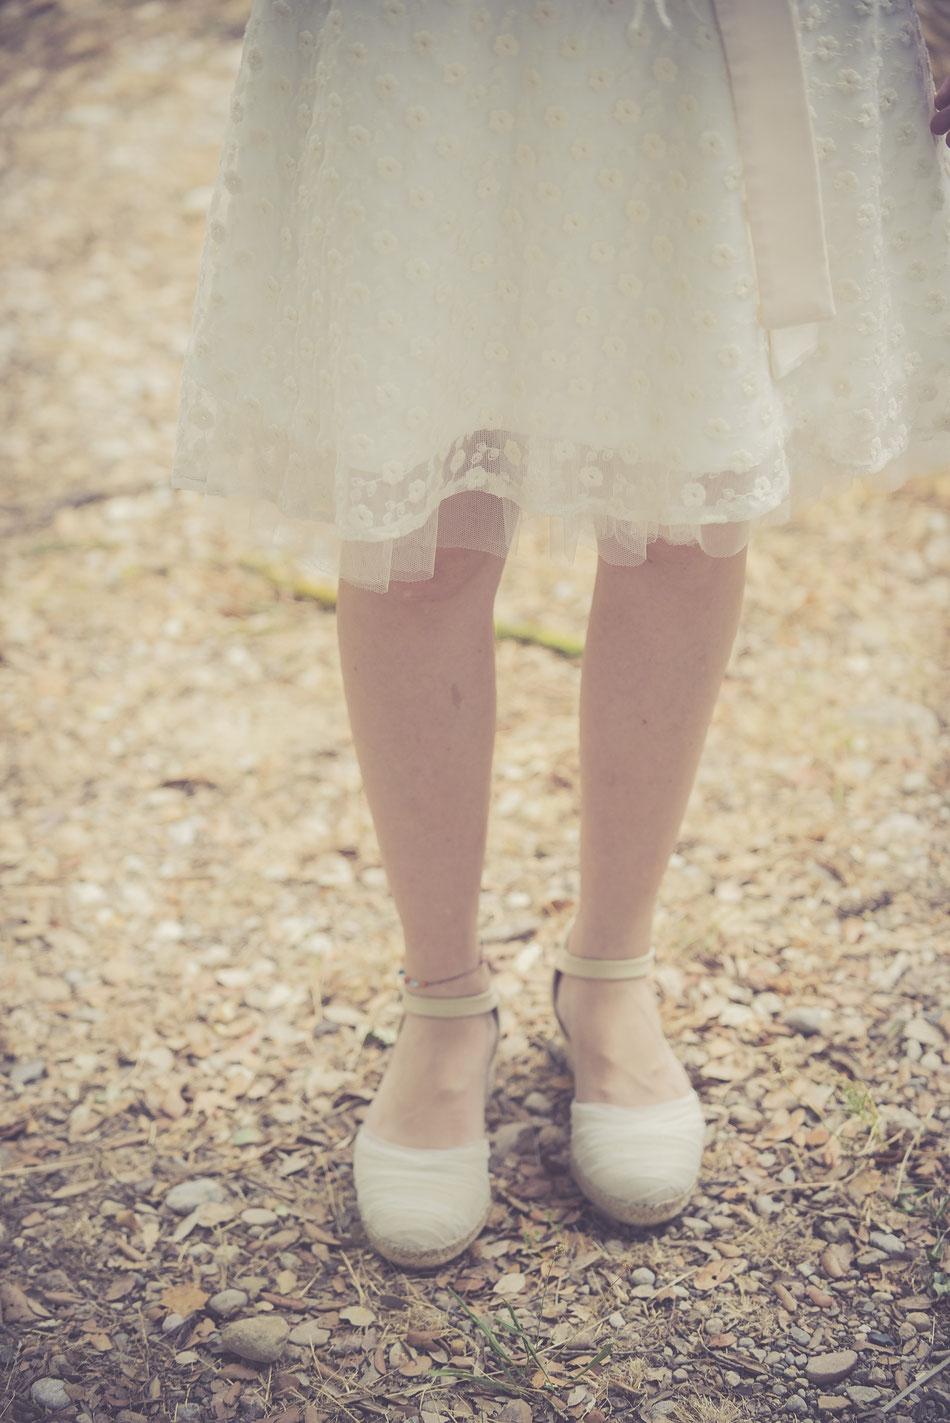 Vestit: l'Armari d'Eco. Model: Núria Soldevila. Fotografia: Oriol Segon. Sabates: L'Espardenyeria